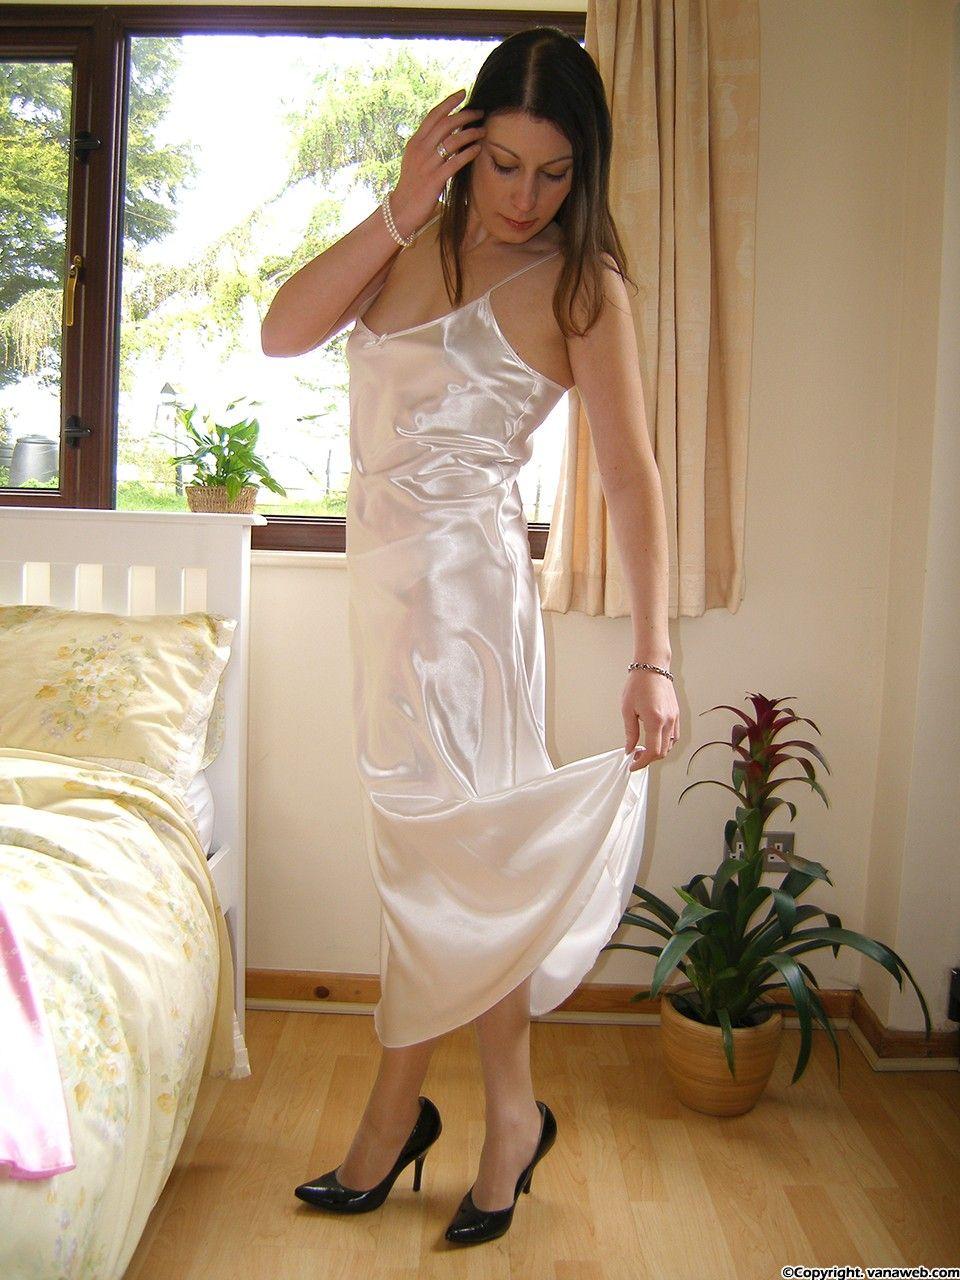 cc13c0e096e6 Pin by Tall Paul on VanaWeb (Satin/Slips)   Satin slip, Satin, Dresses